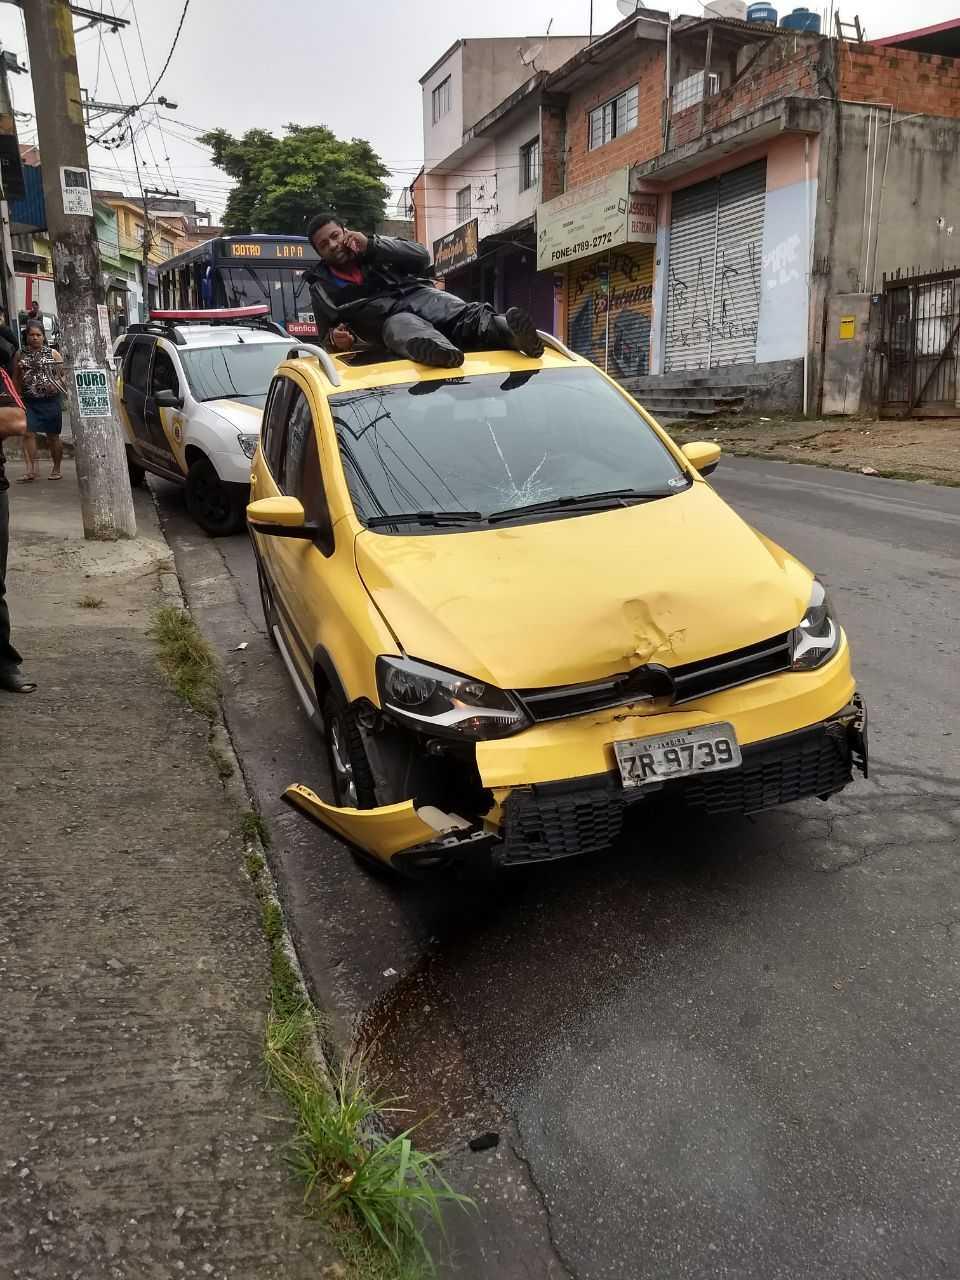 O motoqueiro foi atropelado e o motorista fugiu, só que o motorista não viu que o motoqueiro tava em cima do carro, ligando pra policia... / Foto : Divulgação